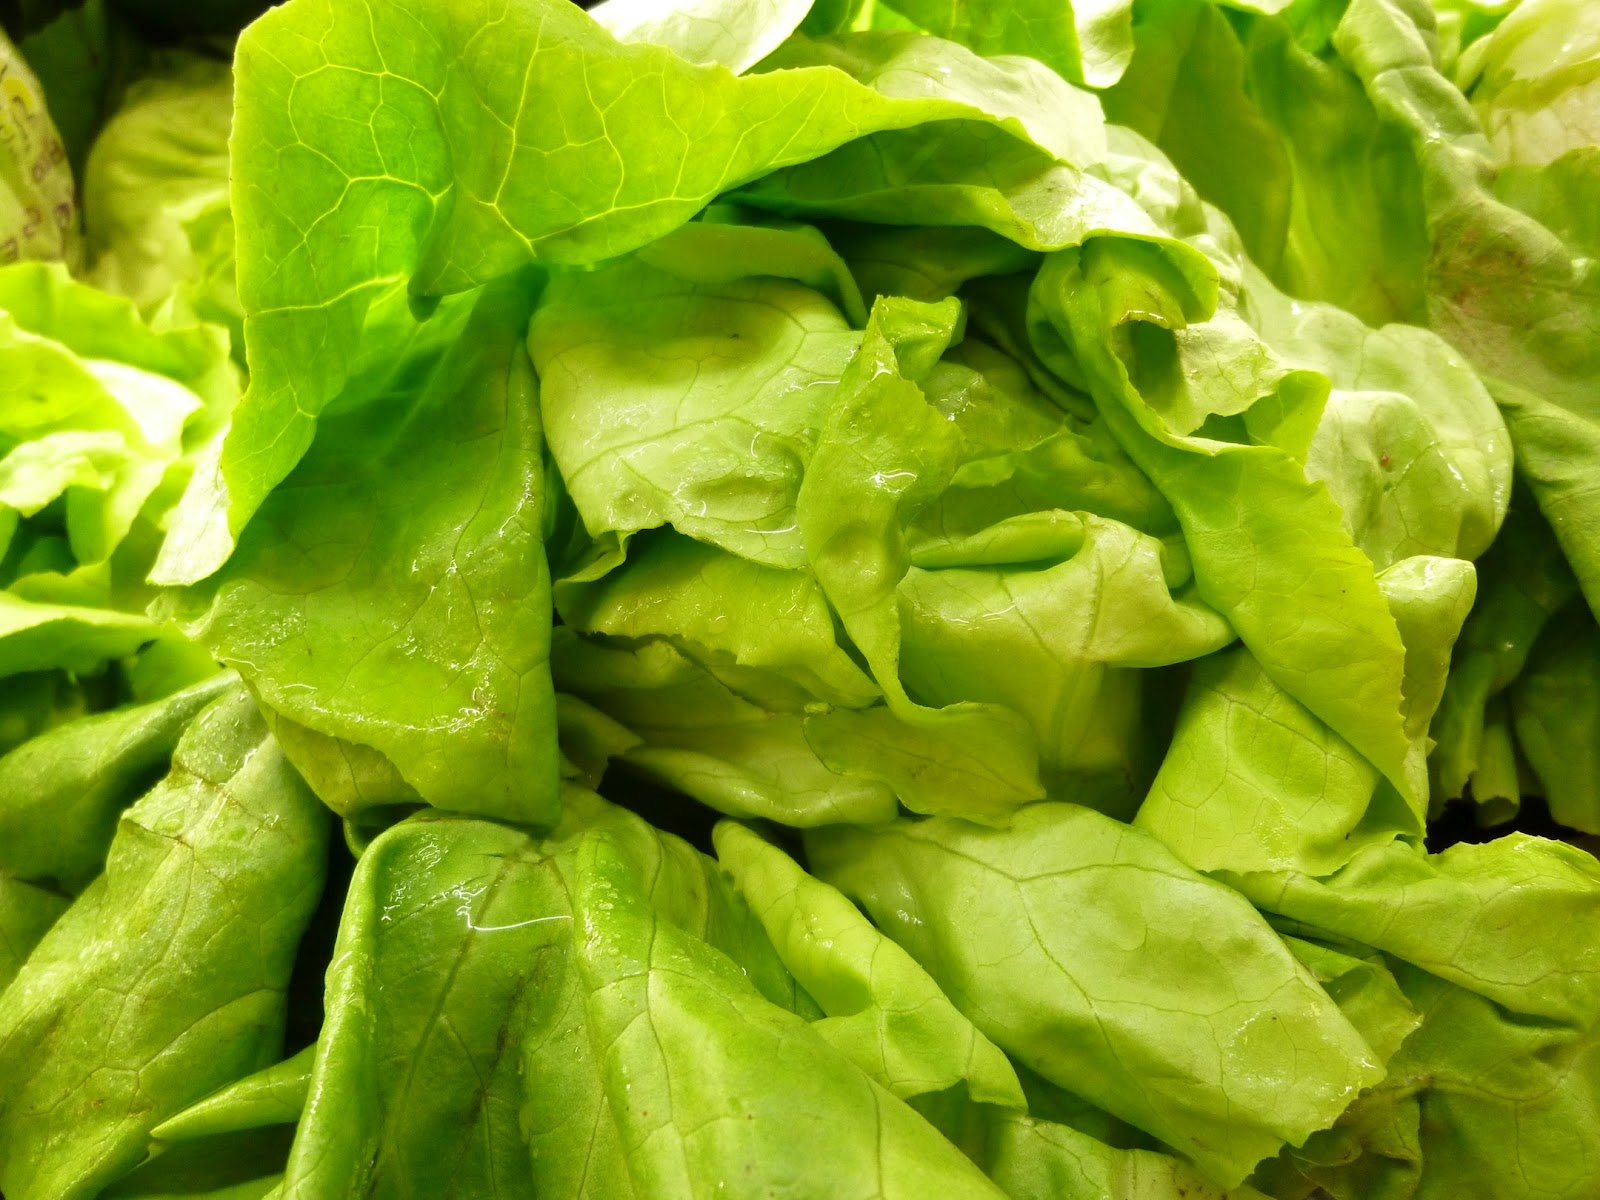 Iceberg Lettuce Drawing Butter lettuce is only 4Iceberg Lettuce Drawing